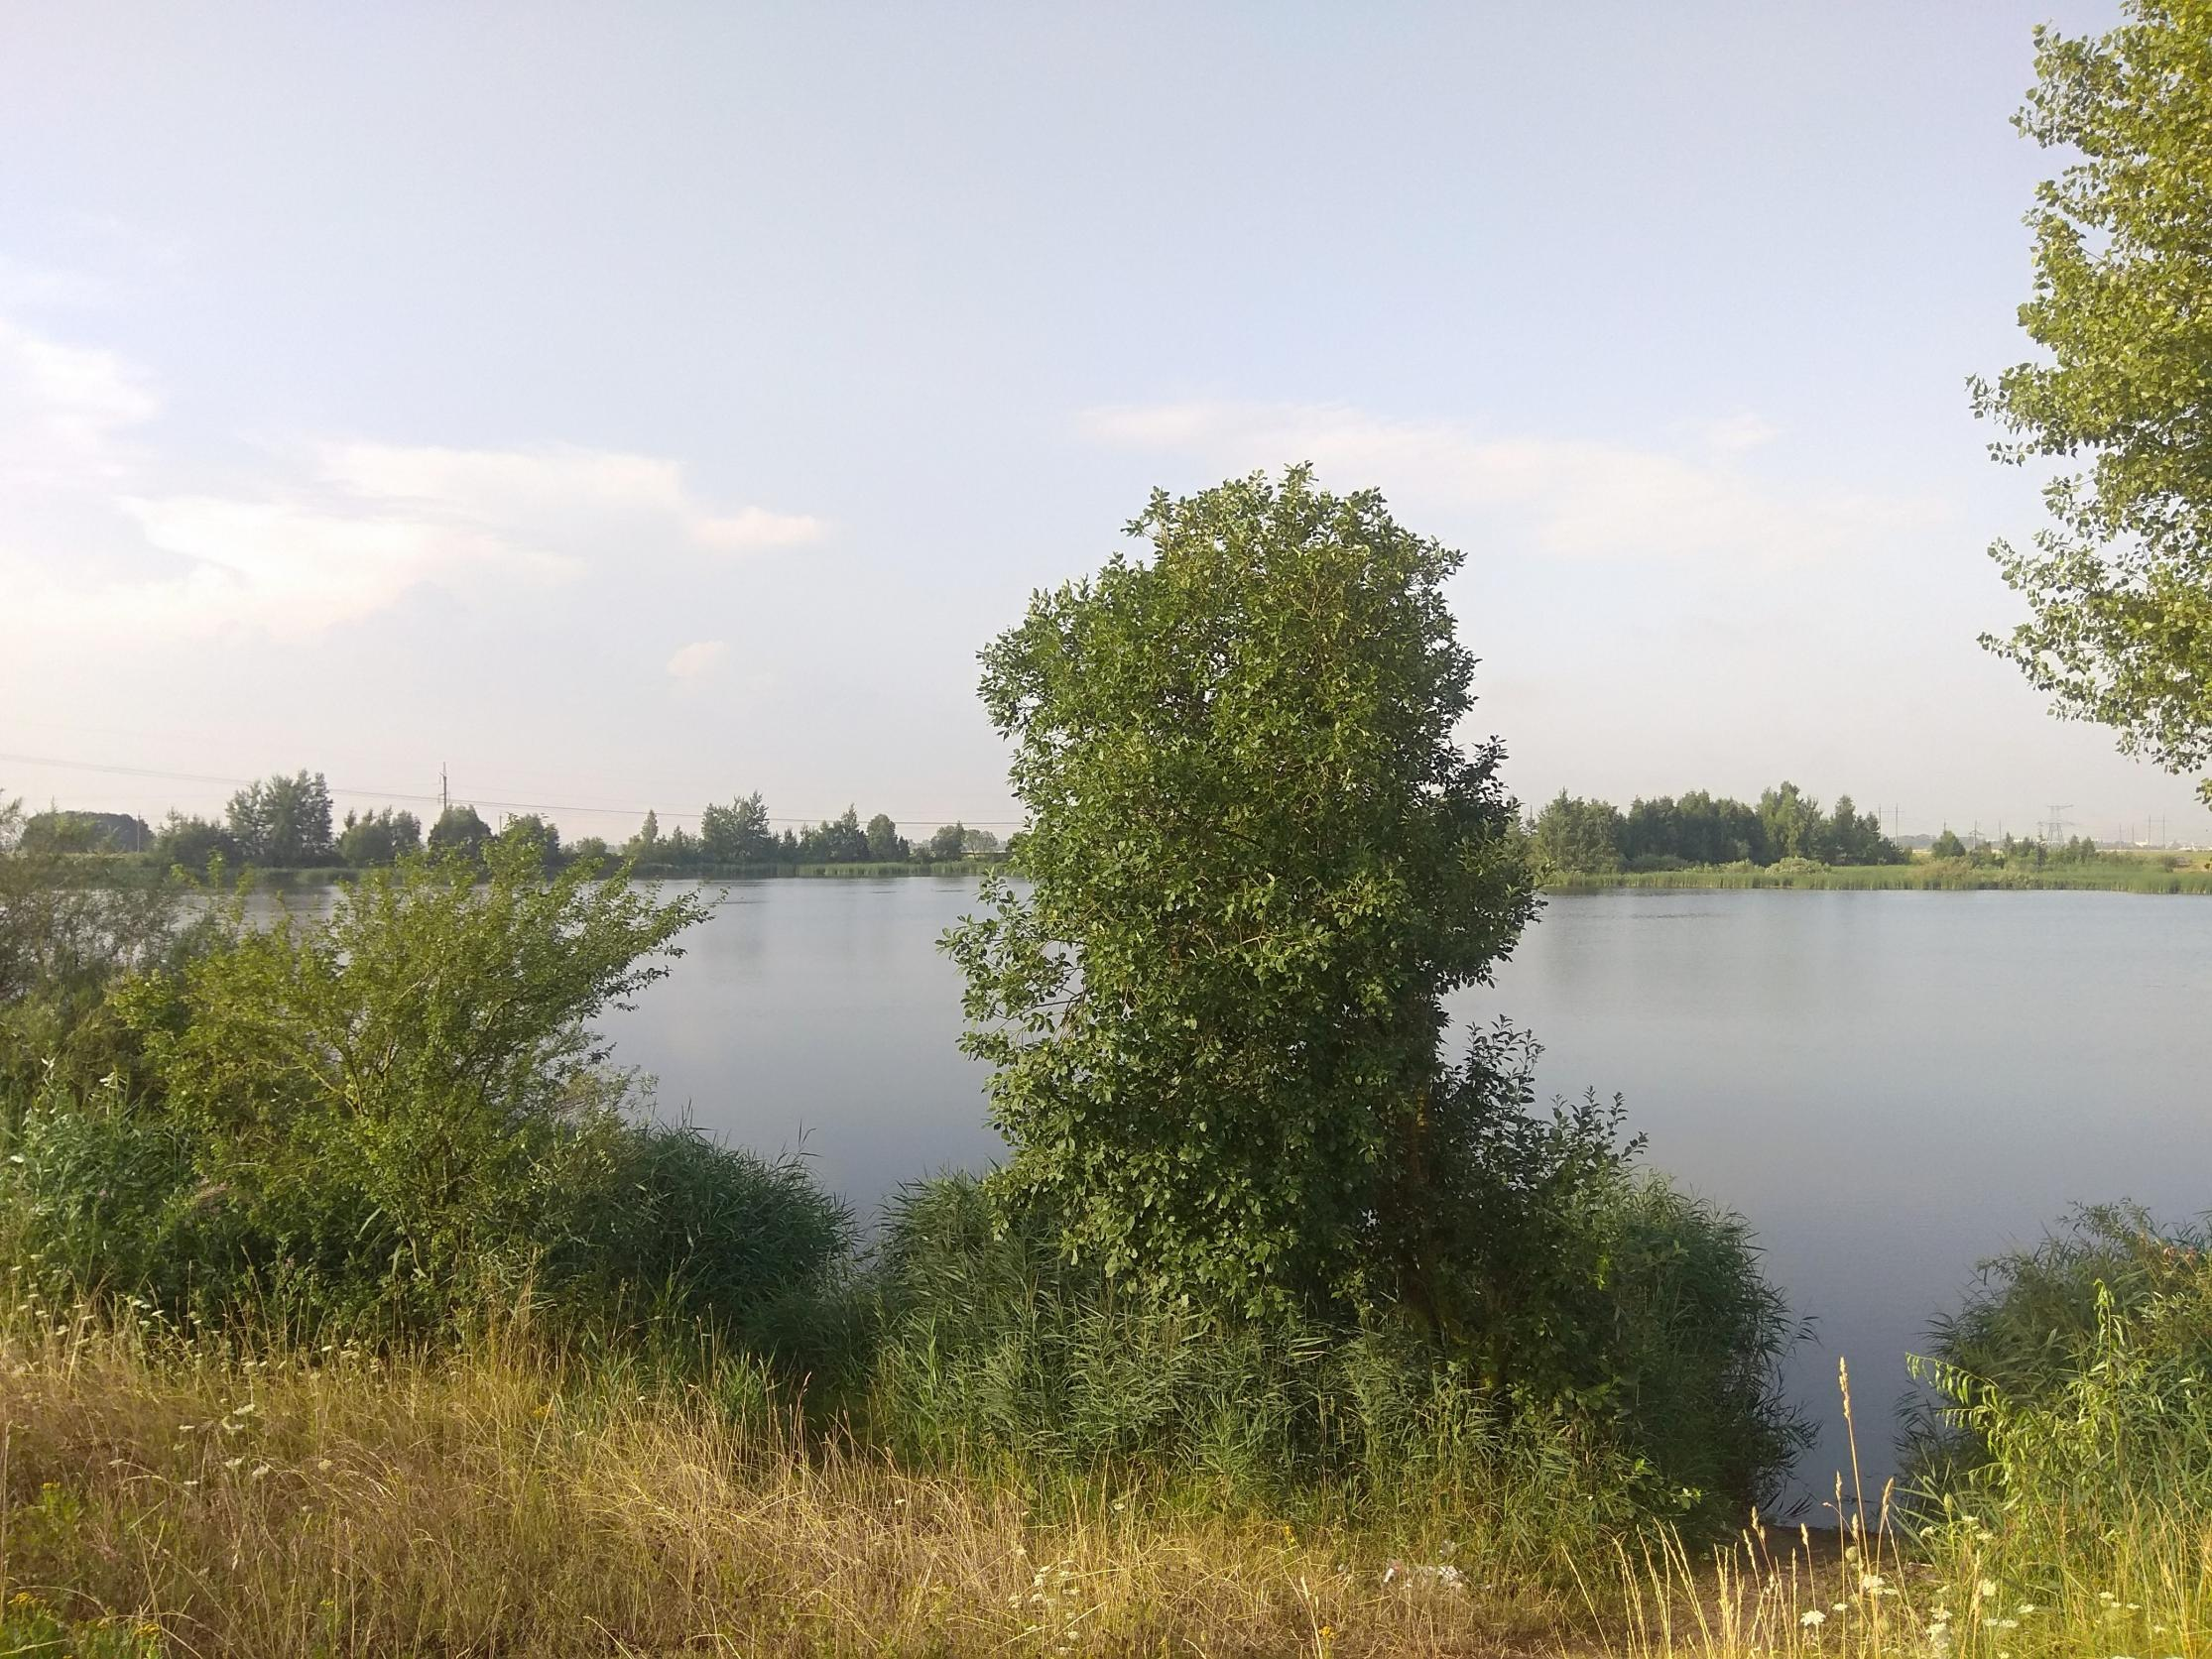 Сегодня с утра проехал немного по водоемам. На ...   Отчеты о рыбалке в Беларуси